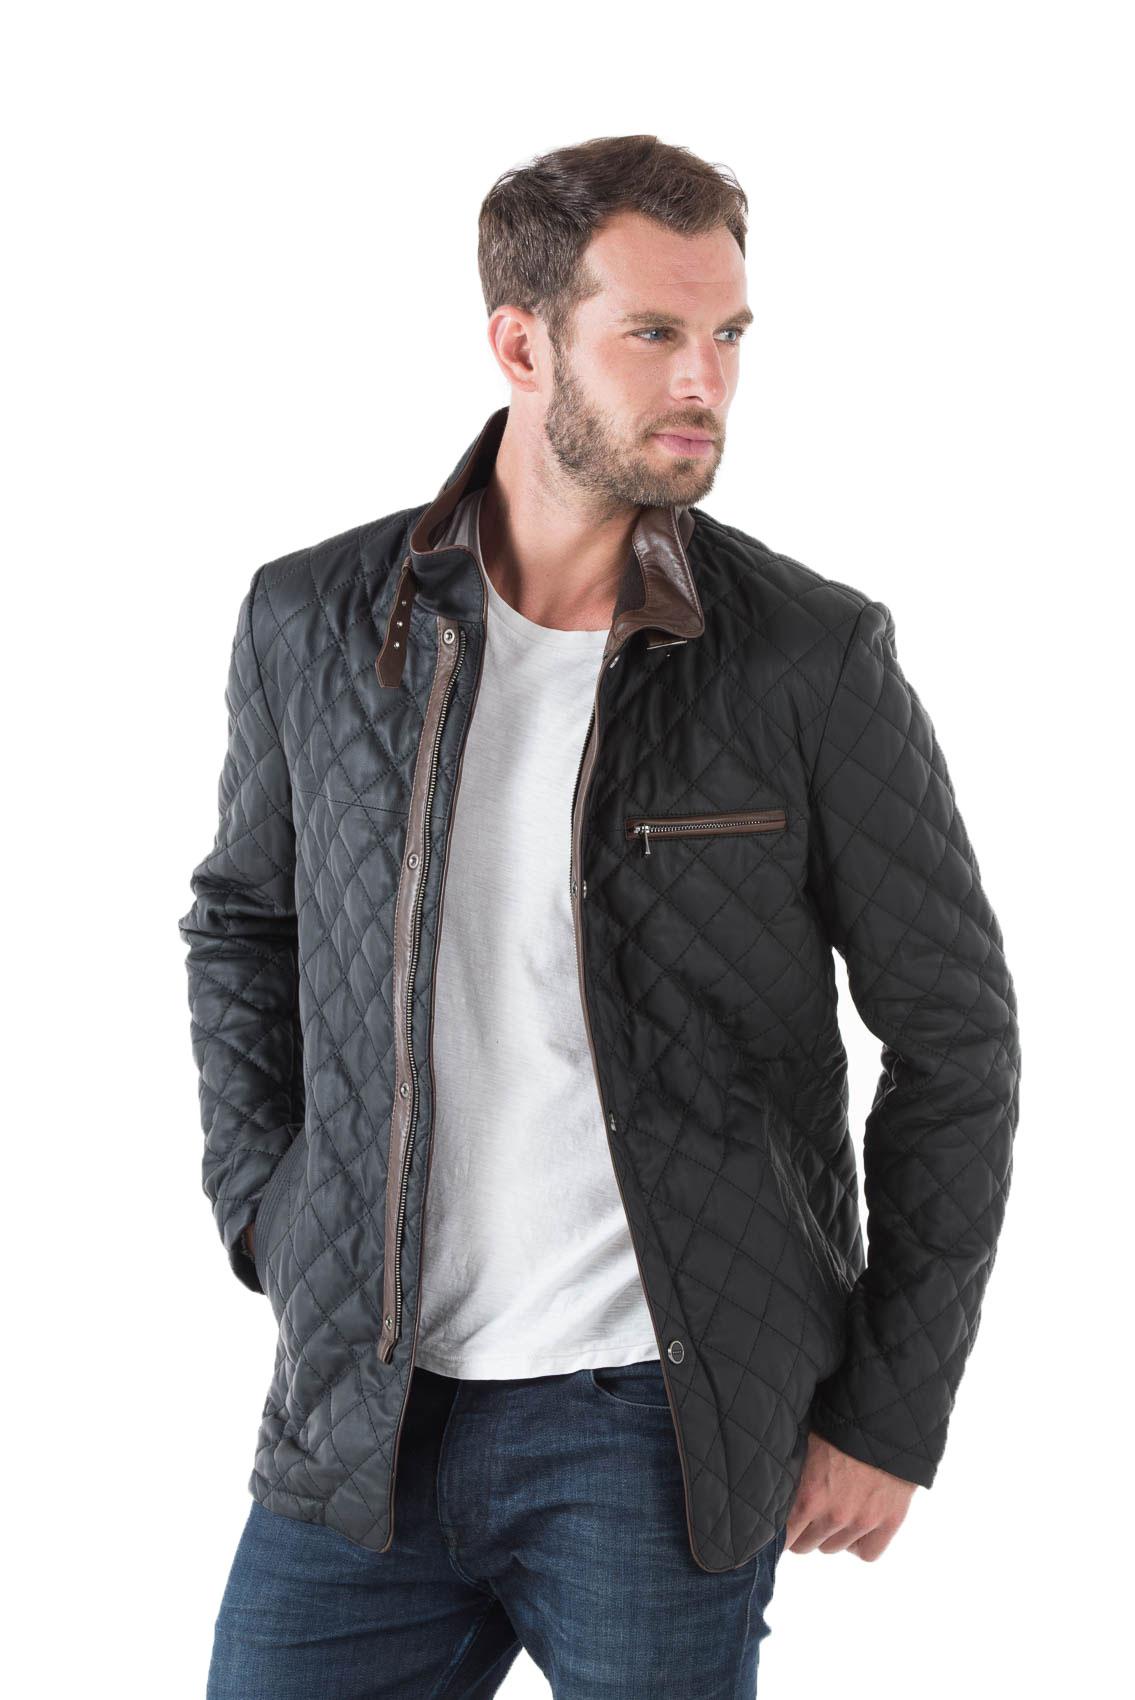 Cuir Noir Damier Moderne Veste Surpiqures E Homme Blazer 09 Style Y7bfy6g